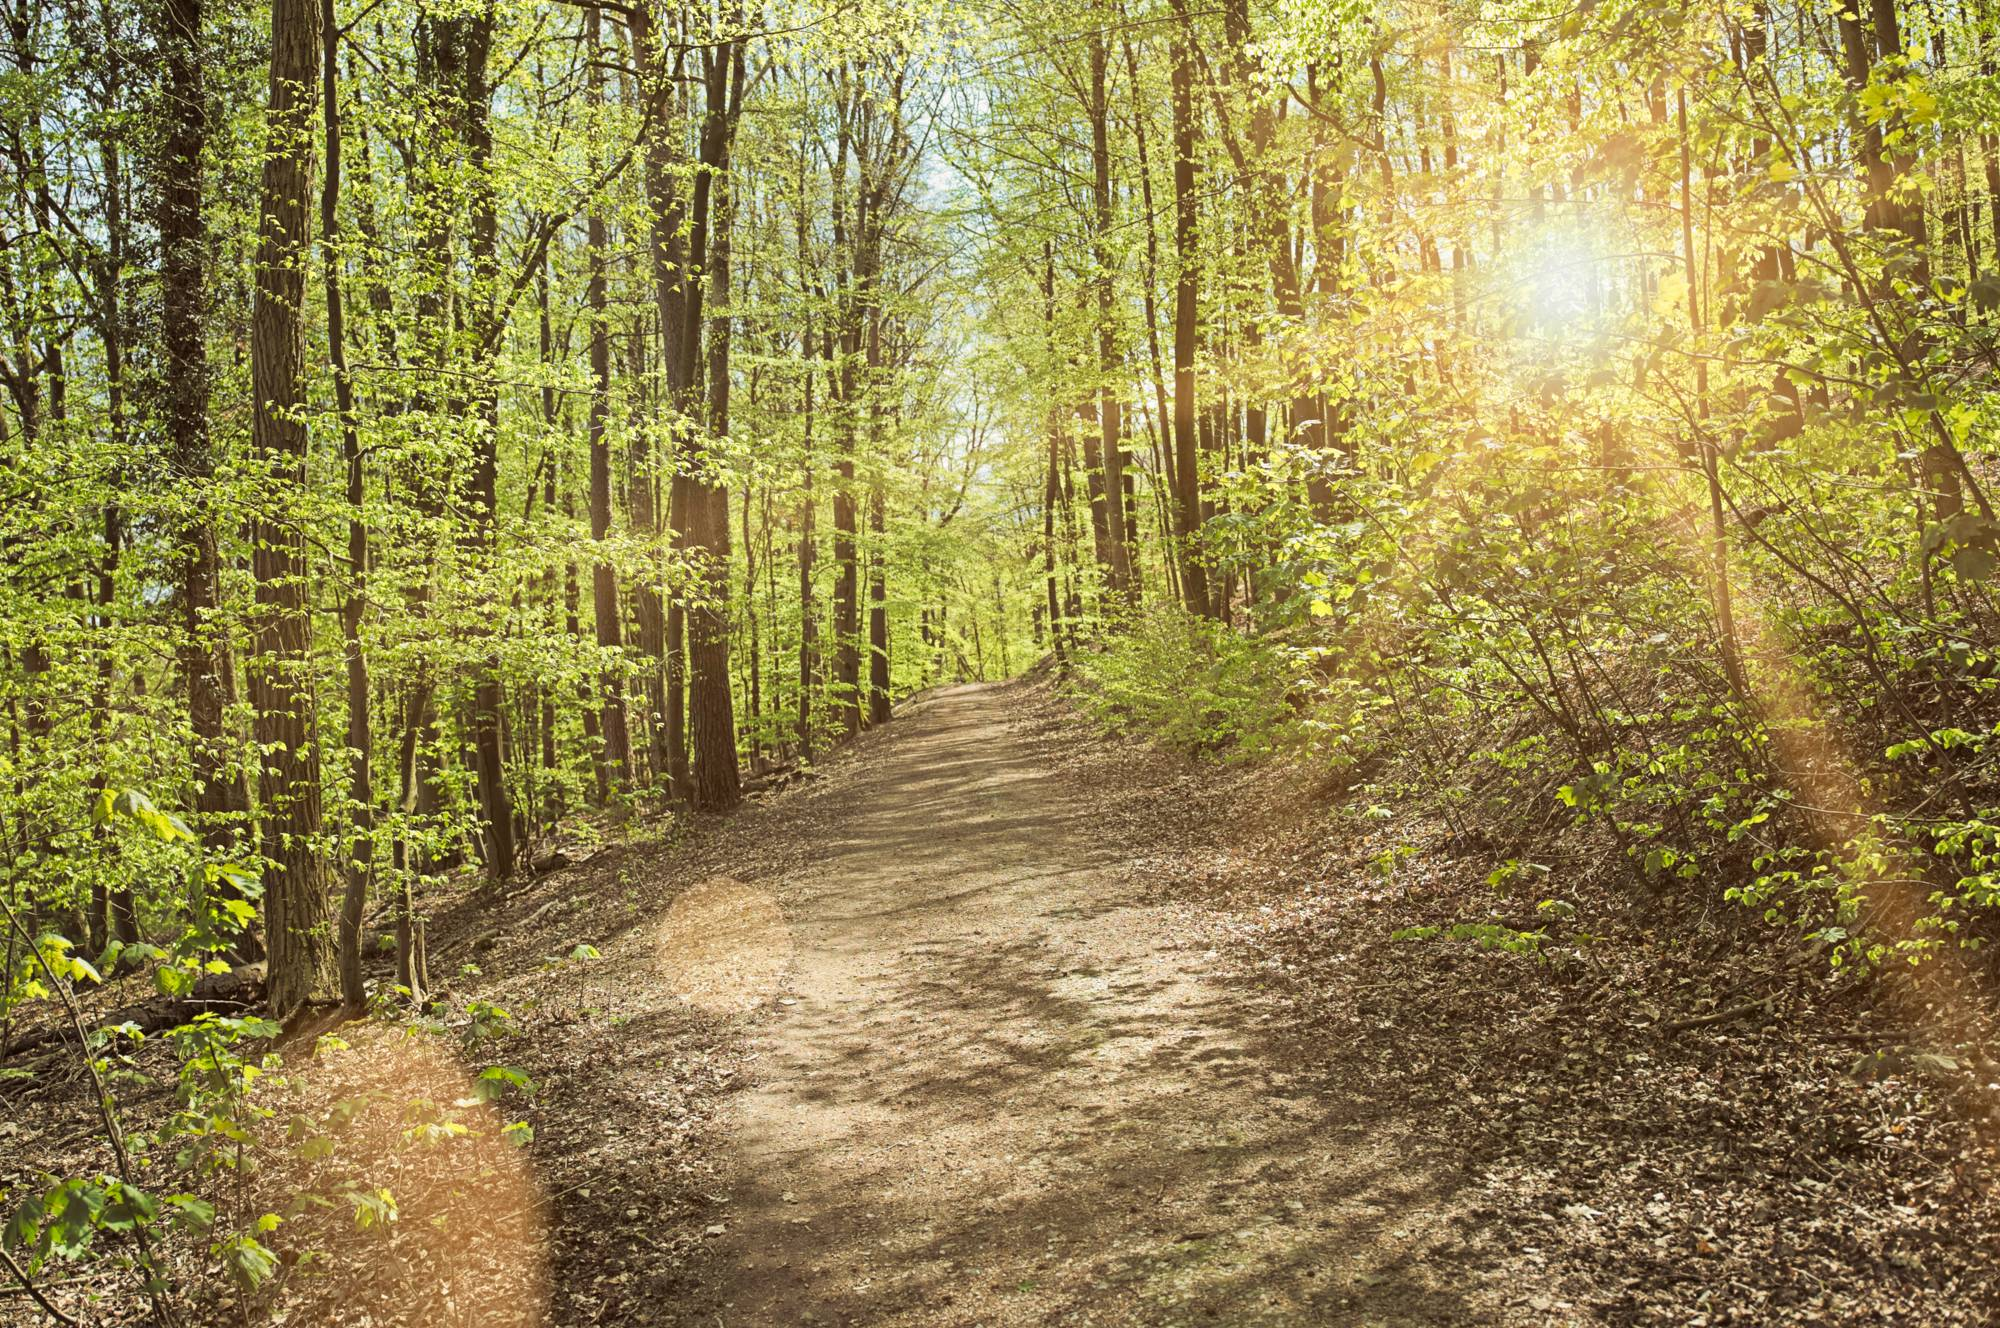 O Caminho da Floresta ThetaHealing